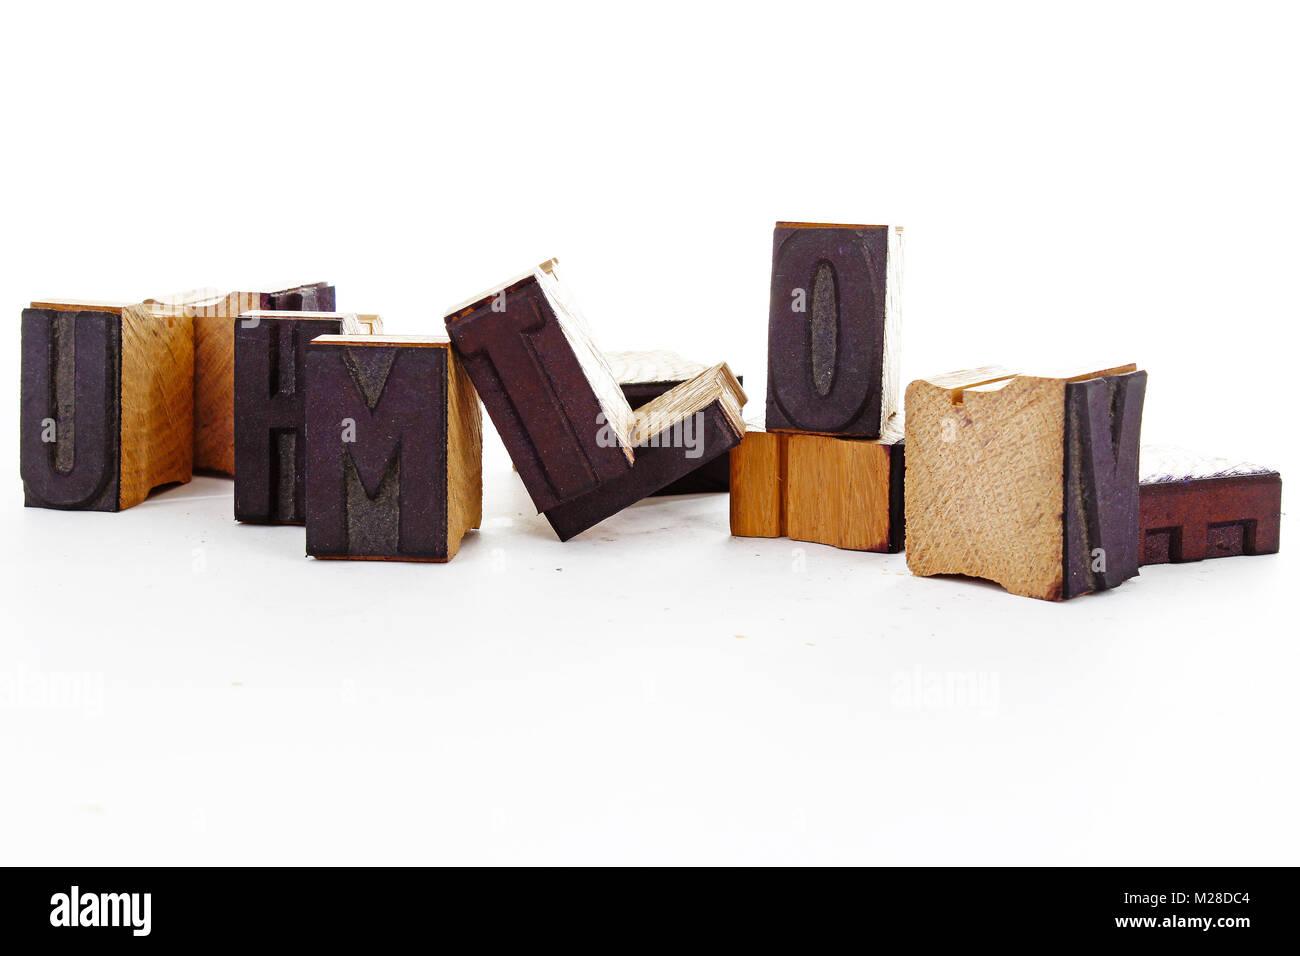 Vintage retro wooden blocks on white background. Stock Photo